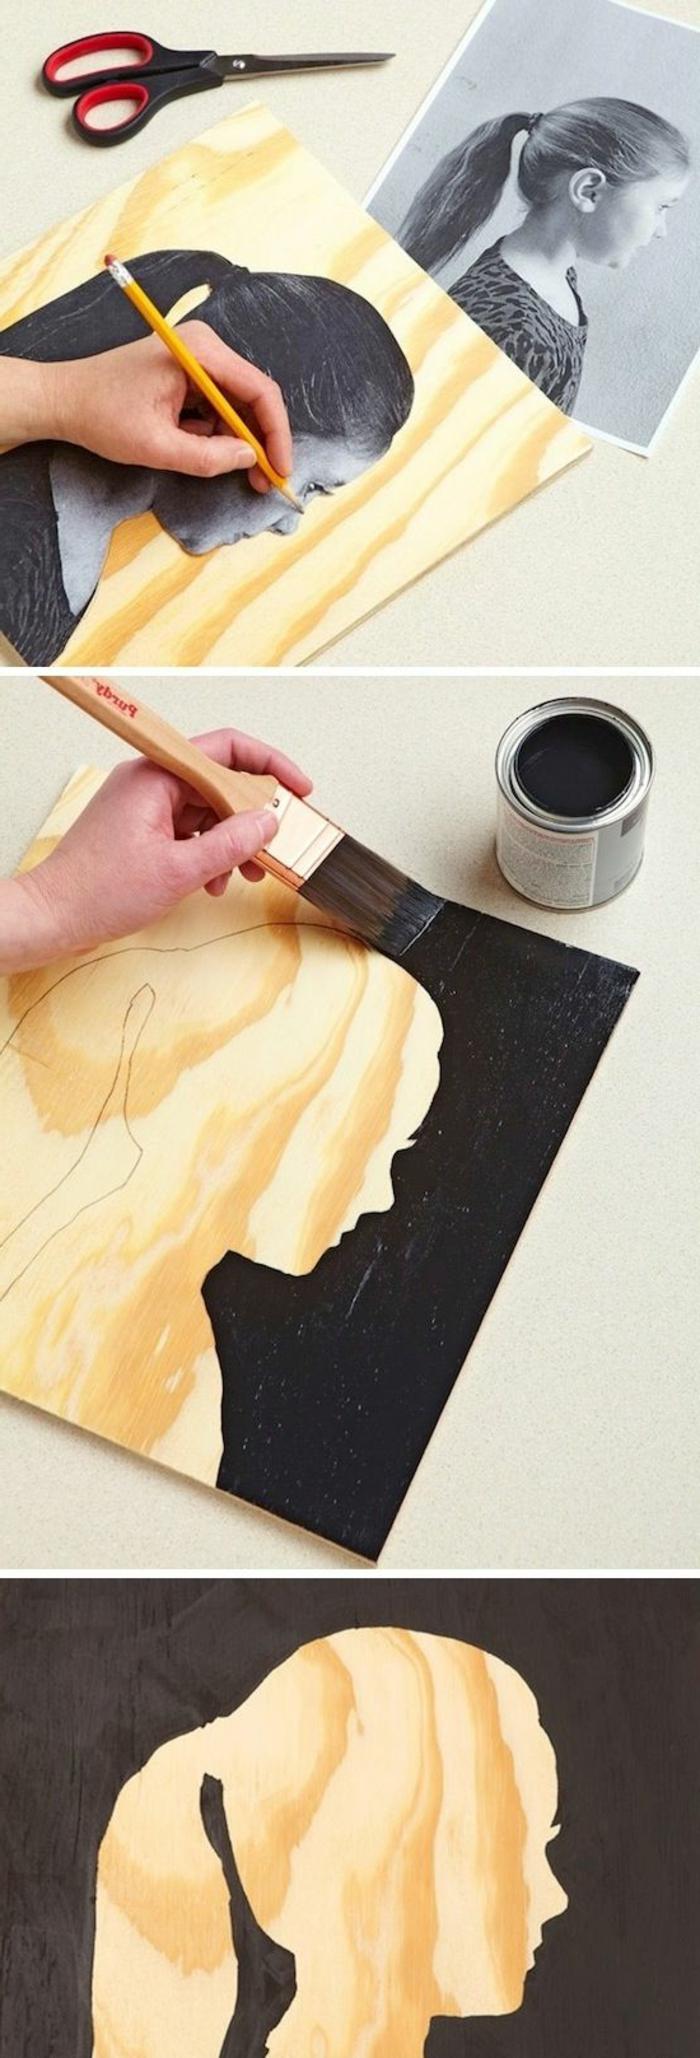 1-joli-moyen-pour-decoration-relooker-sa-maison-idee-peinture-interieur-un-originale-mode-de-decoration